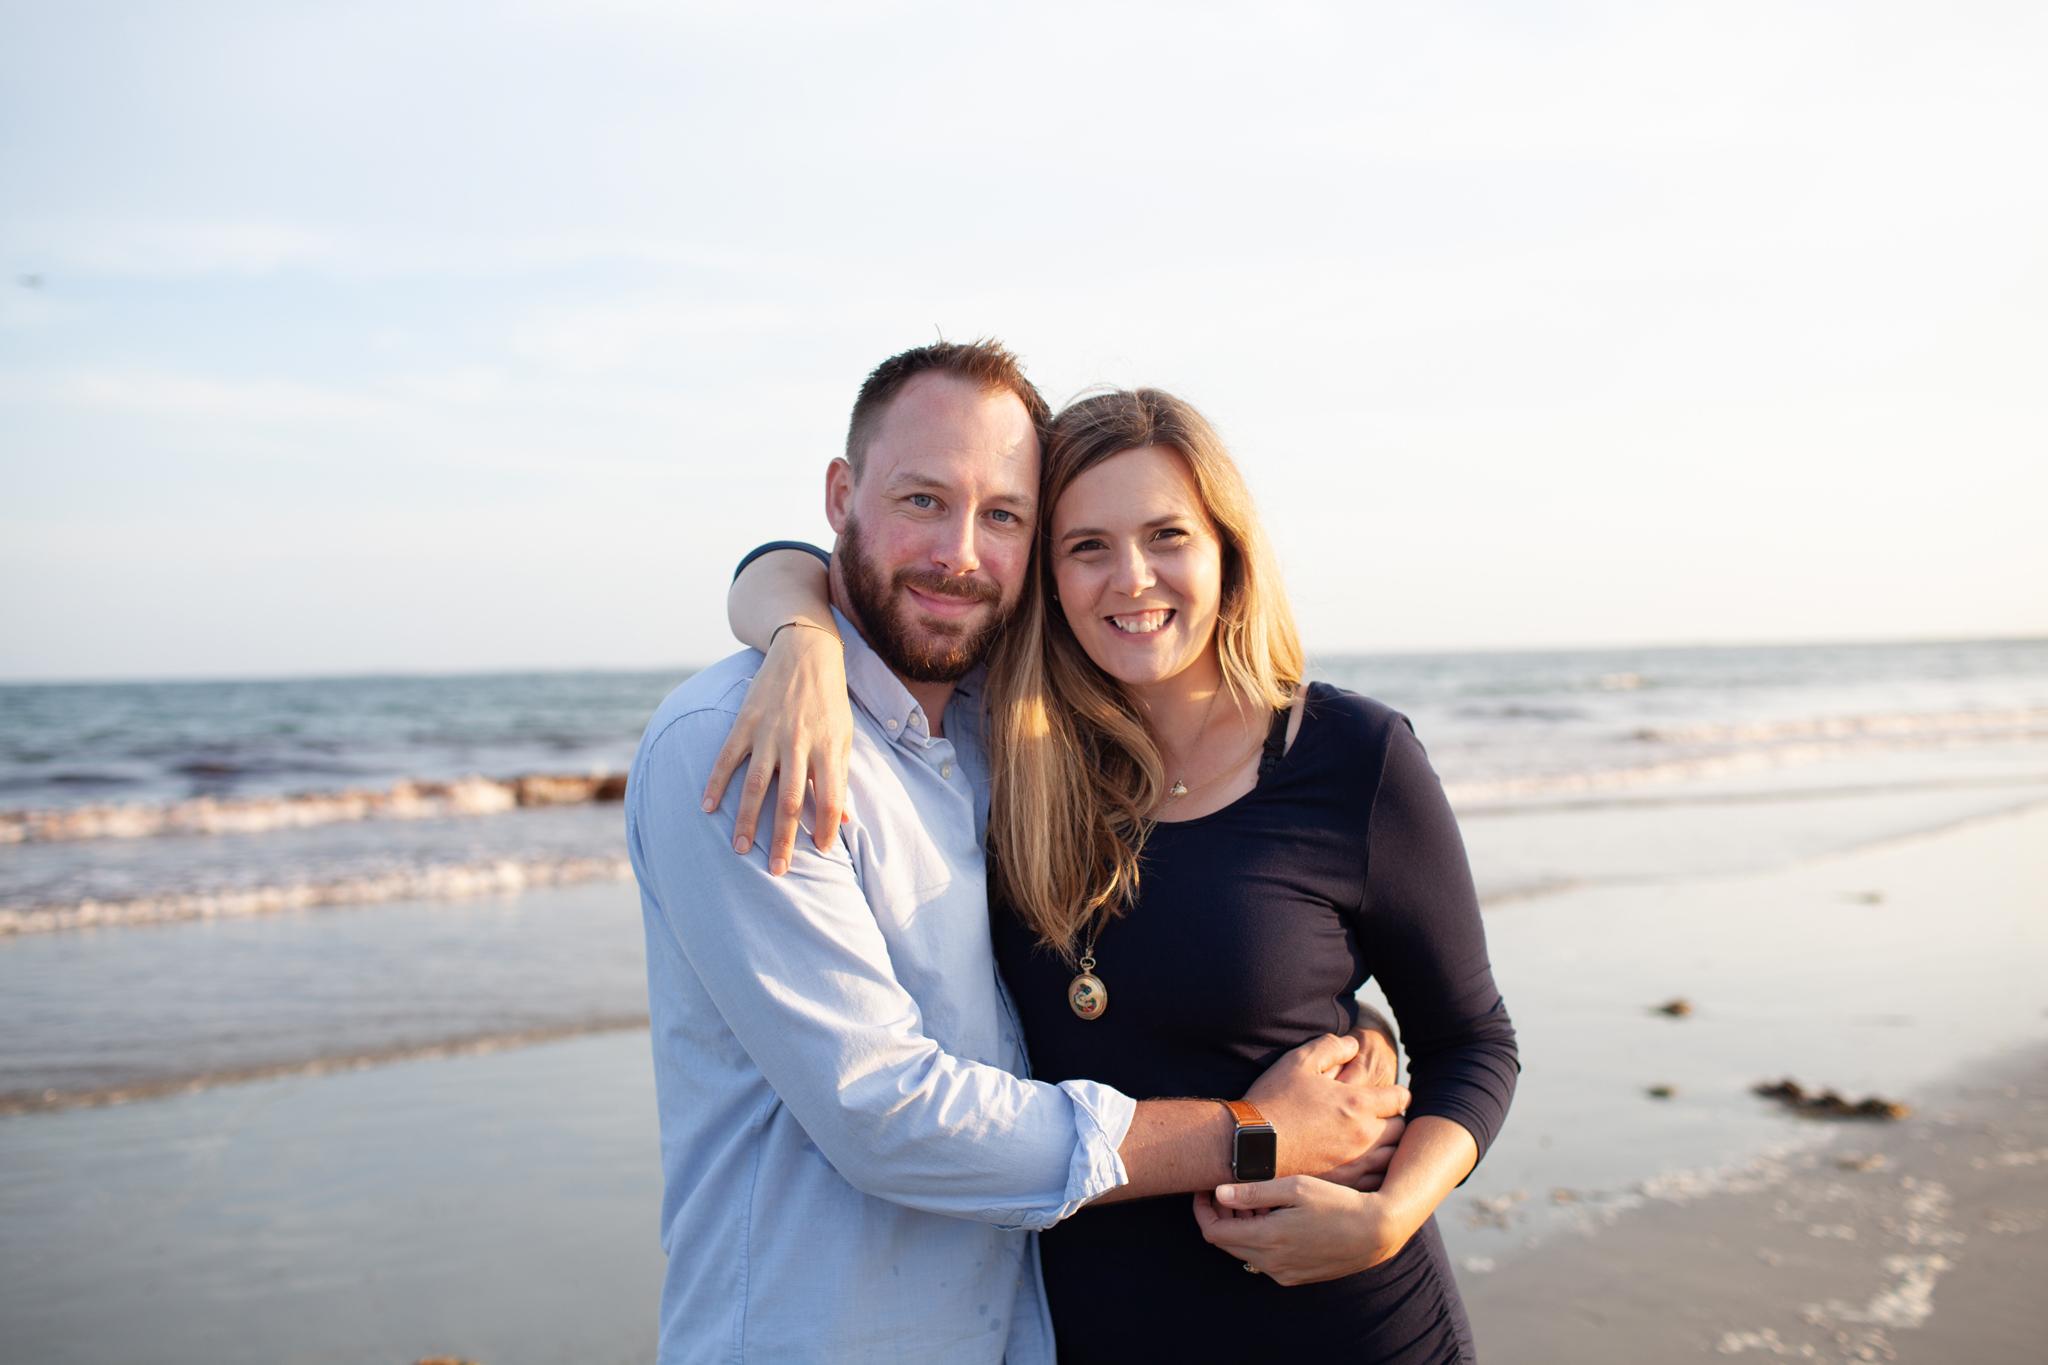 maine-family-photography-pine-point- beach-71.jpg